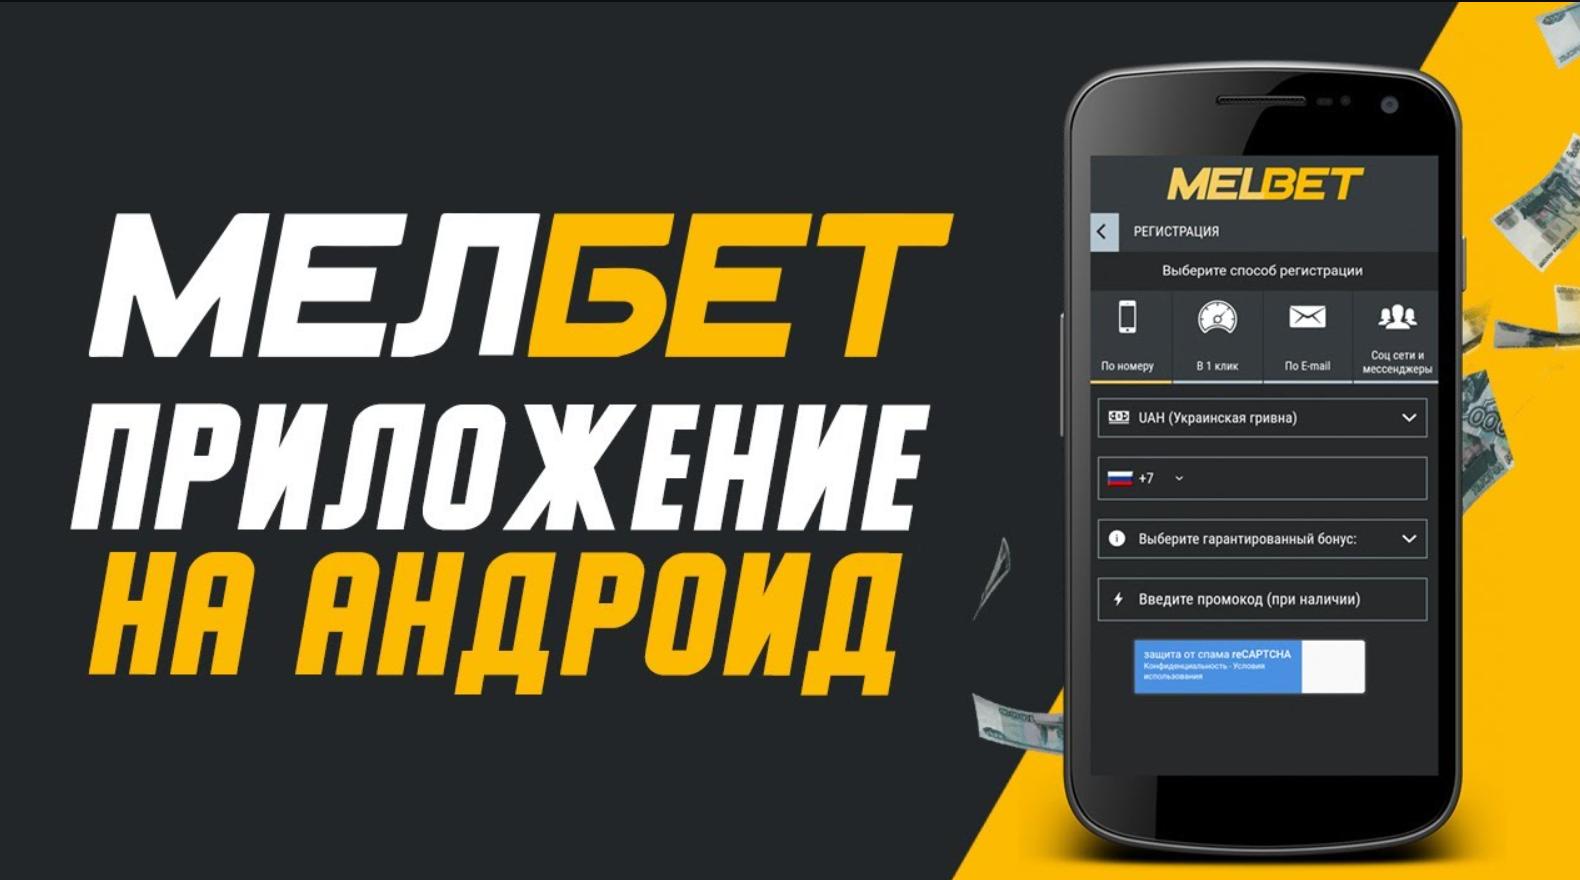 Мелбет зеркало регистрация для России: зачем оно нужно?